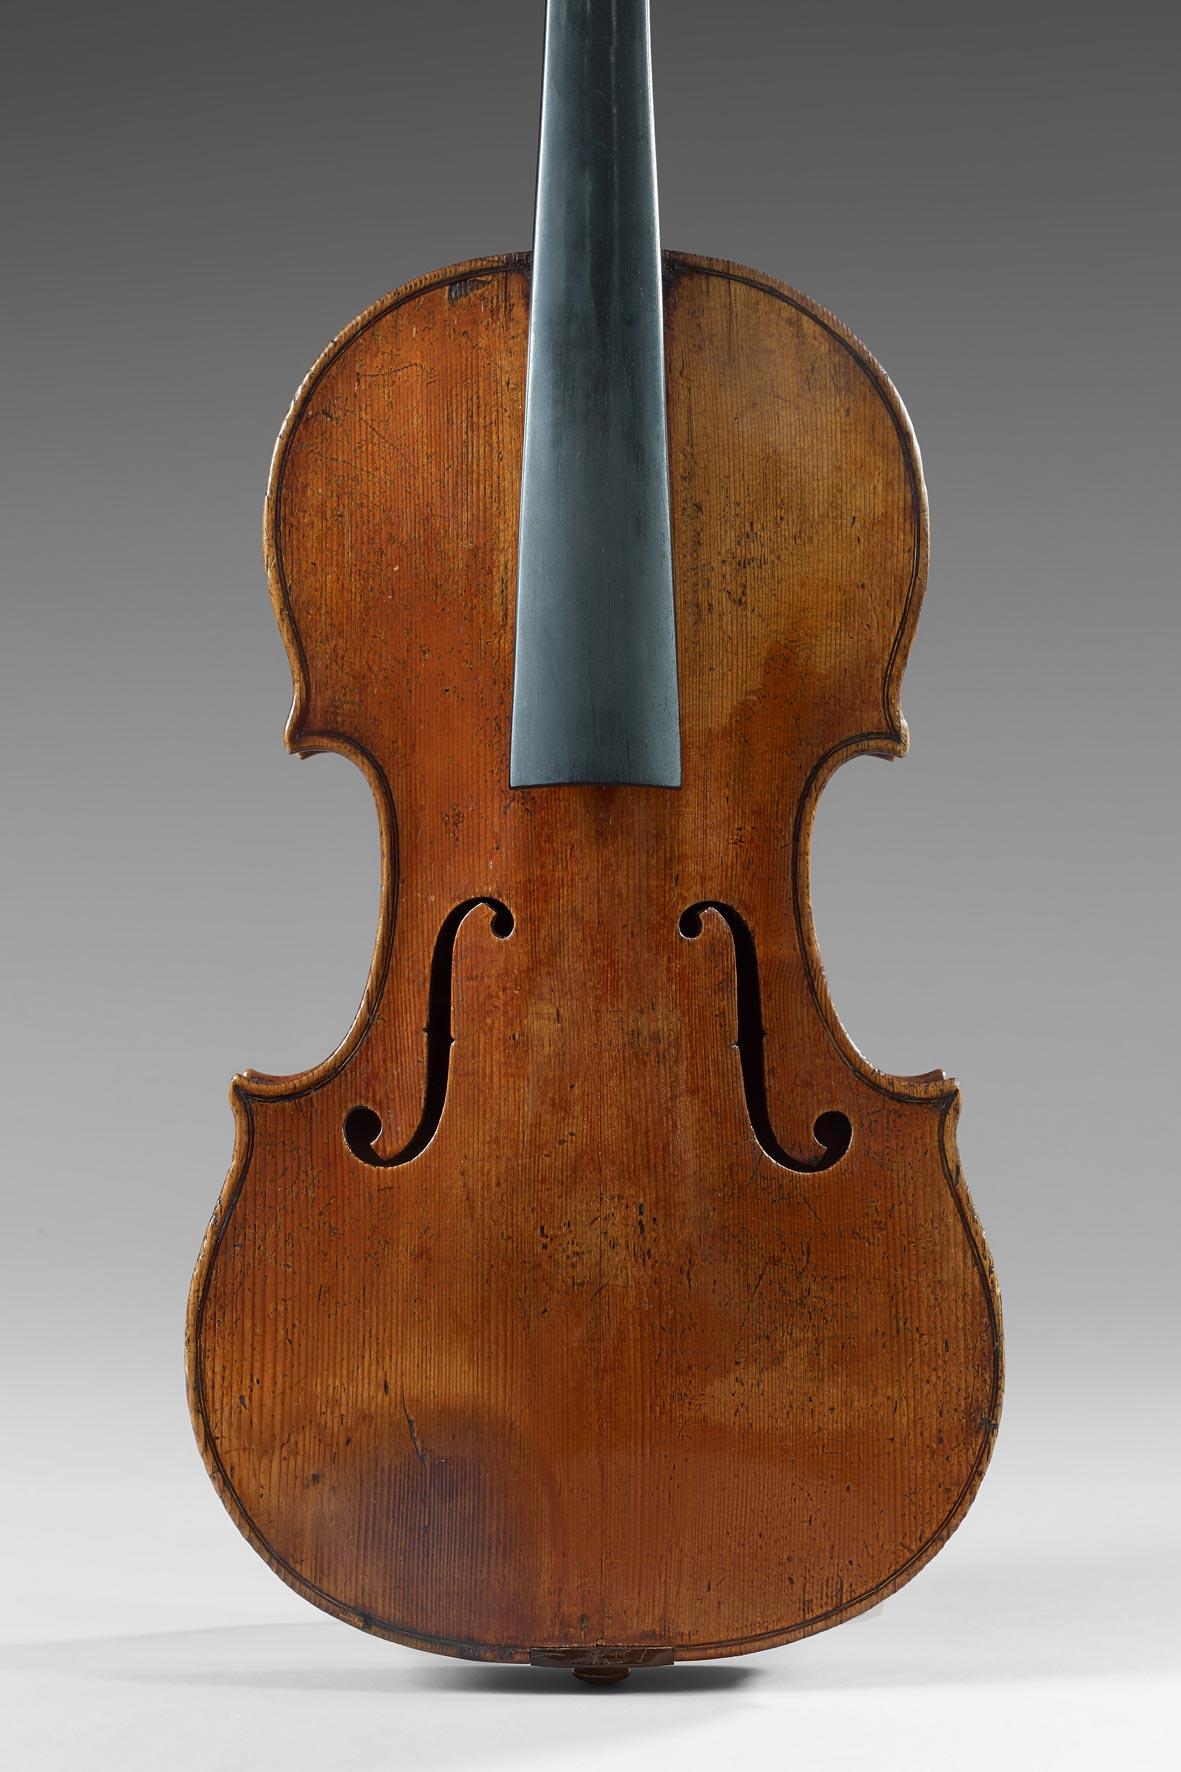 Lot N° 125 - Violon de Joseph GUARNERIUS dit Joseph Fils d'André